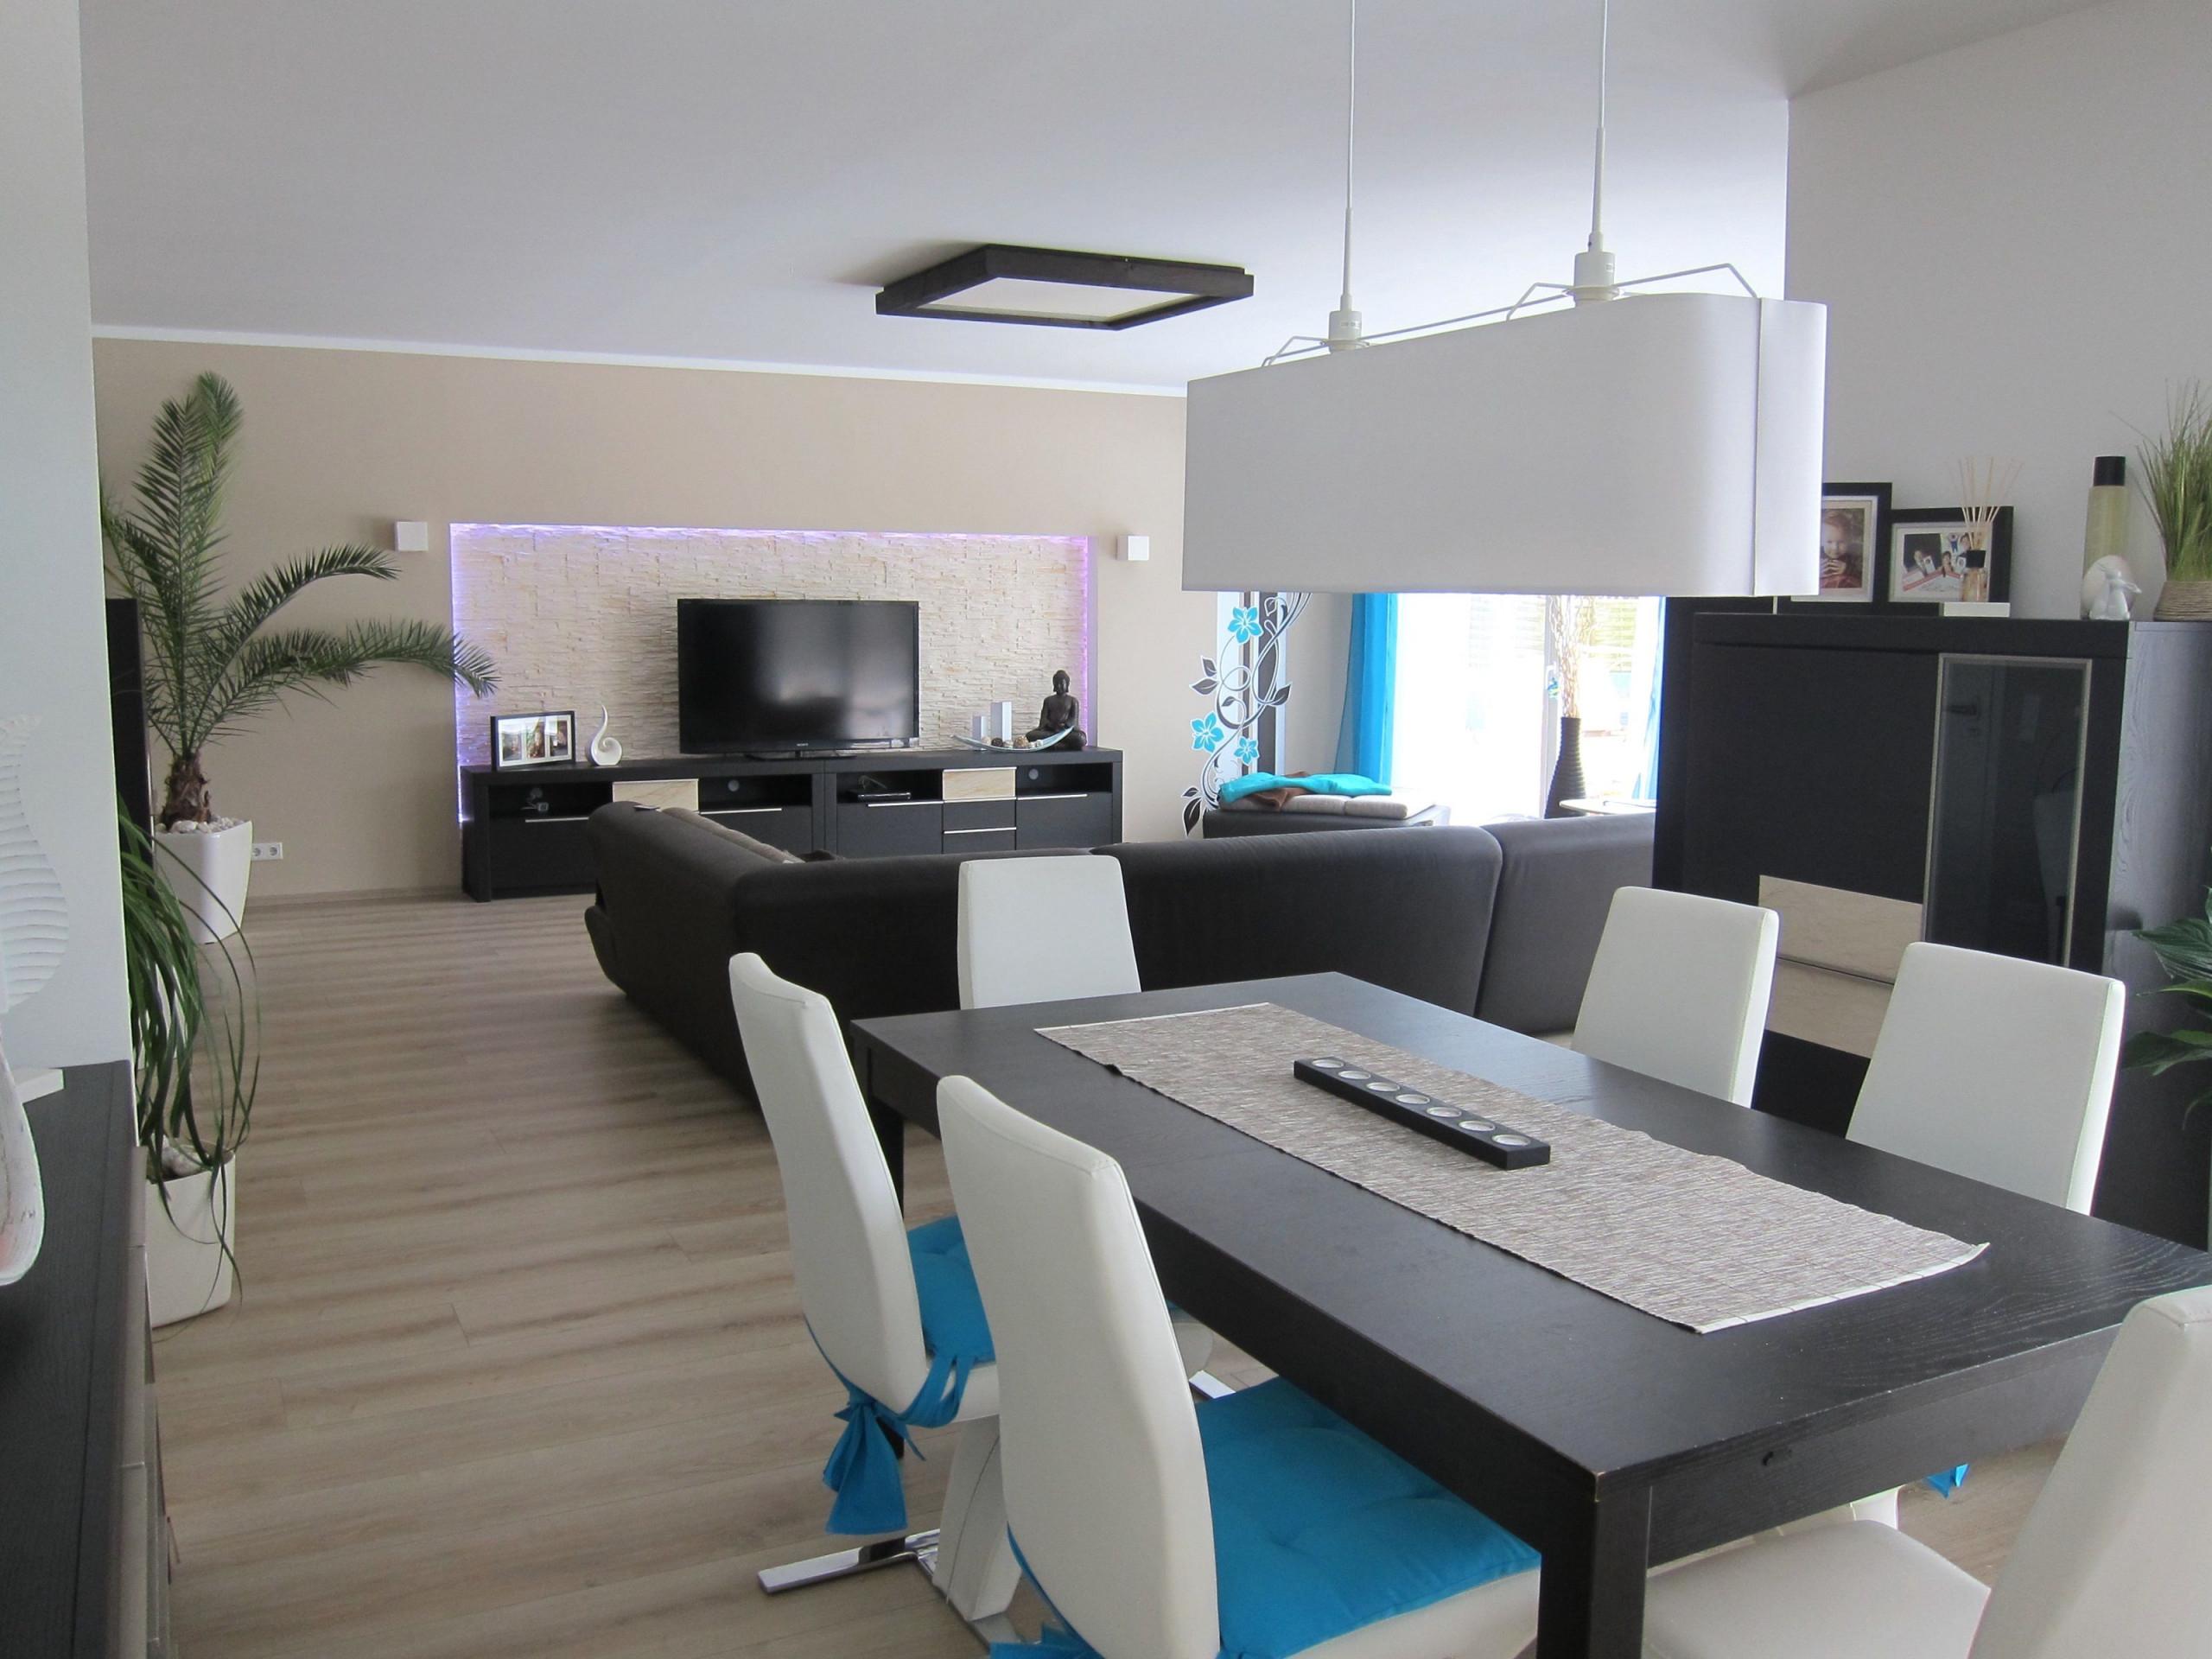 Wohn Und Esszimmer Einrichtungsideen – Caseconrad von Wohnzimmer Esszimmer Ideen Photo